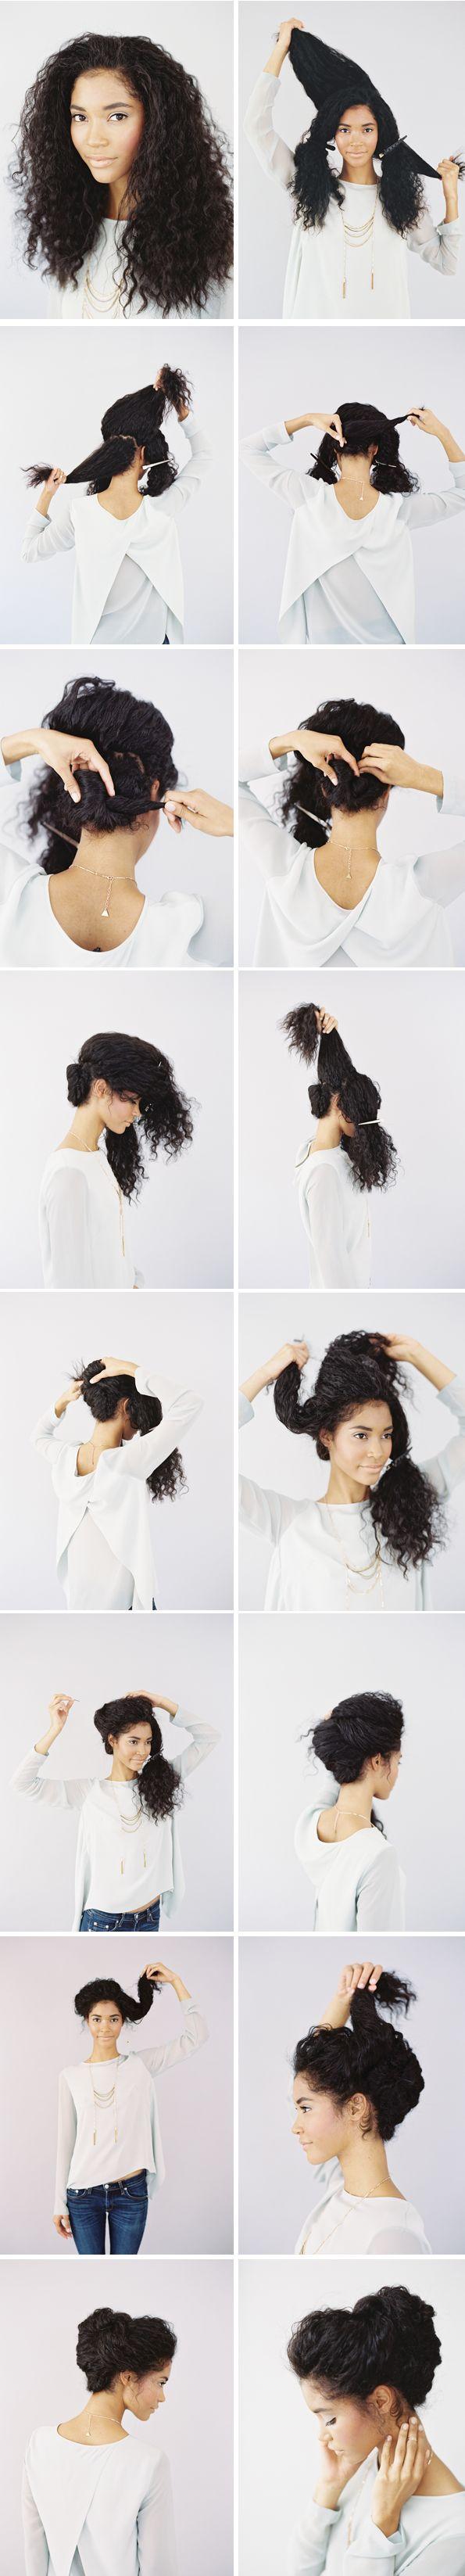 Comment coiffer des cheveux afro